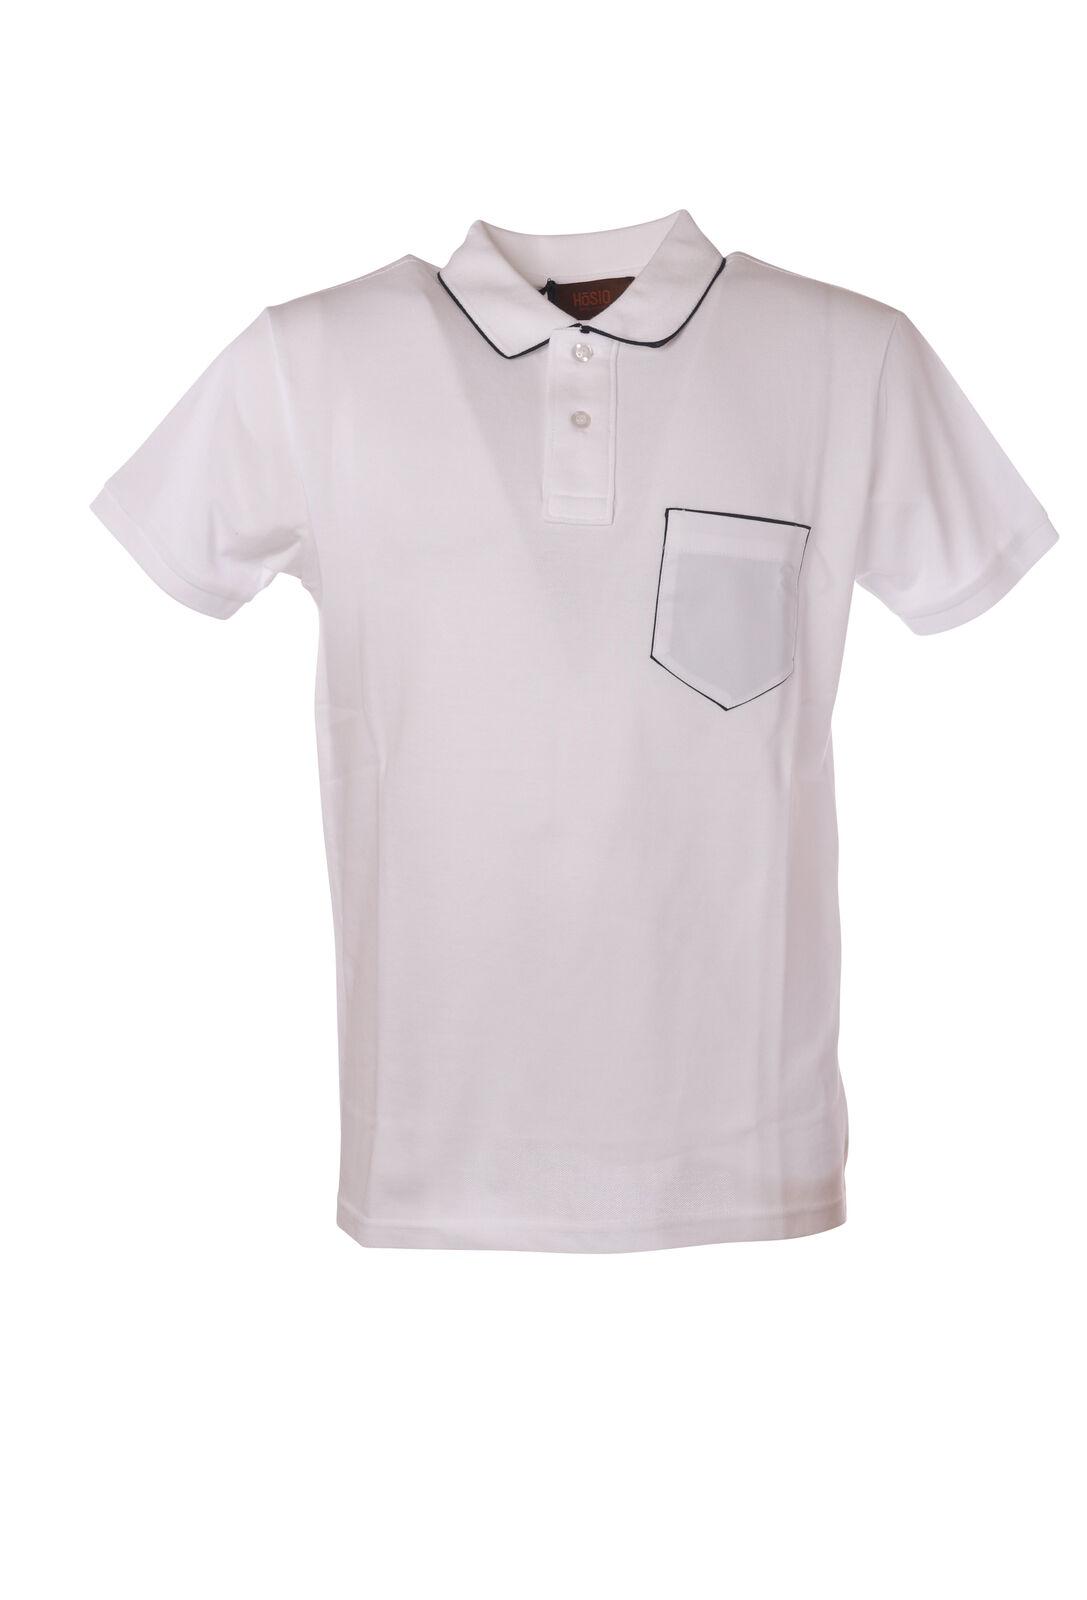 Hosio - Topwear Polo - Mann - Weiß - 5326513L184021